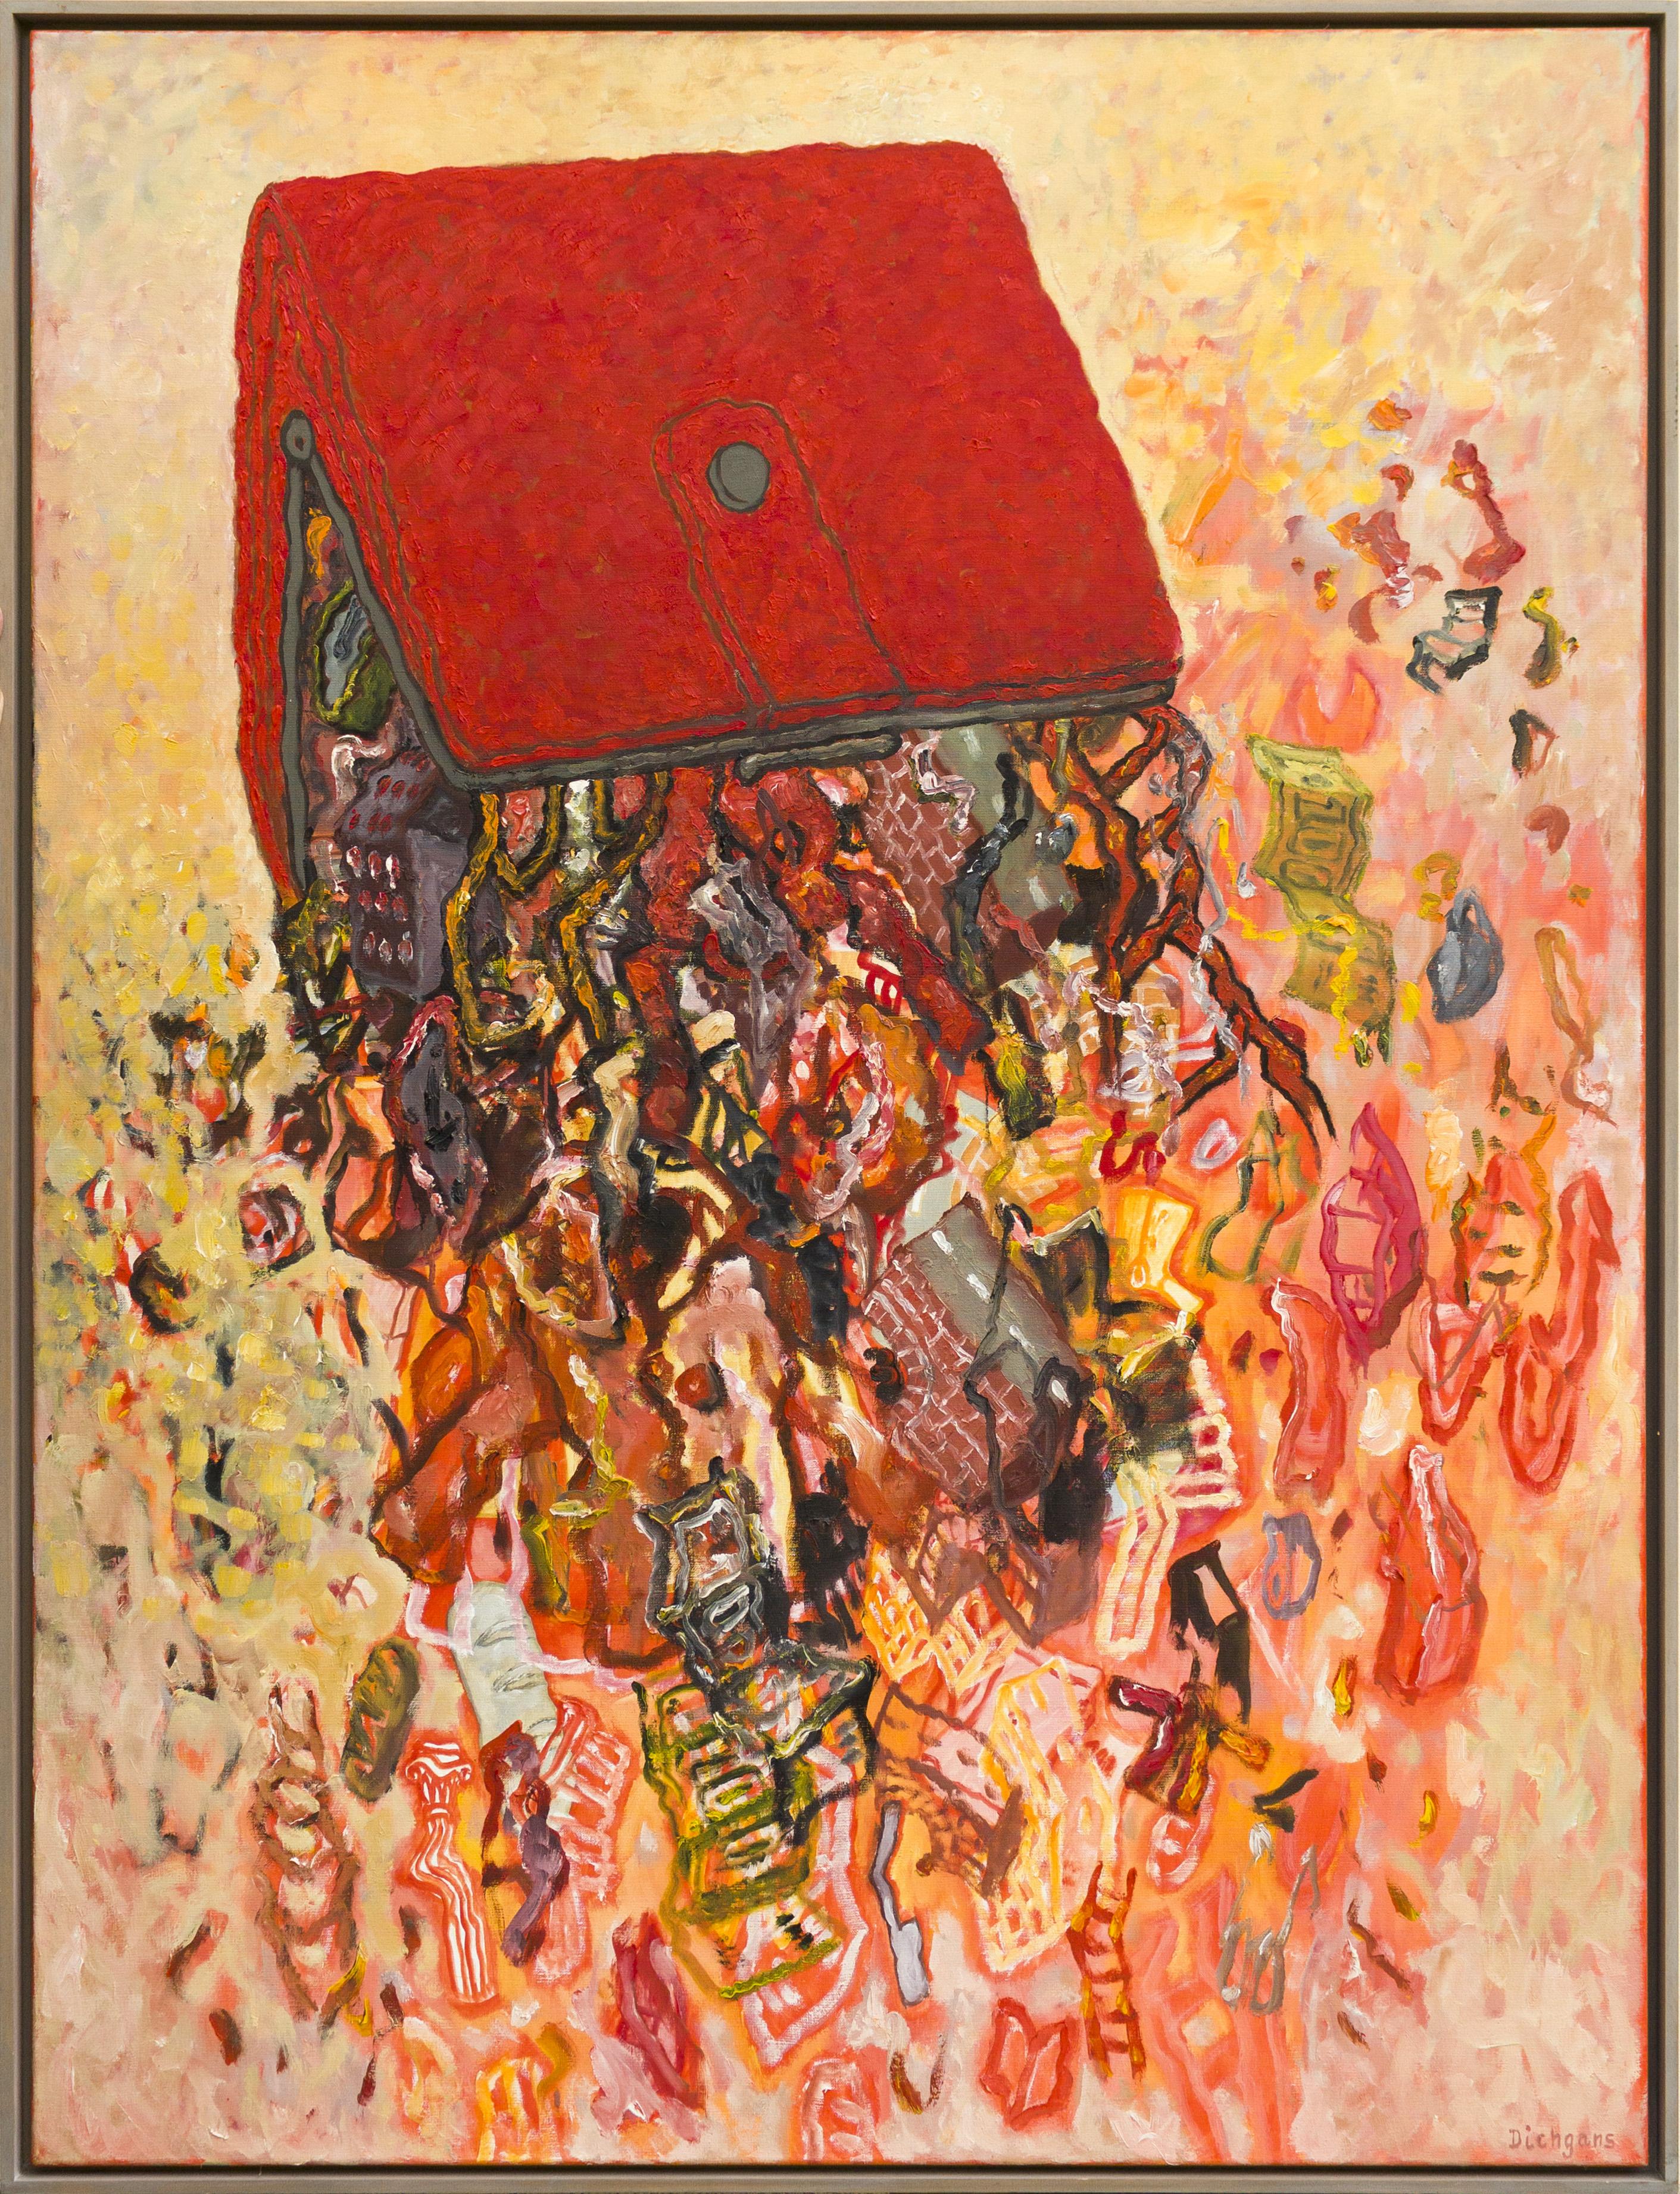 Rotes Portemonnaie - 1990, 160 x 120 cm, Öl /Lw